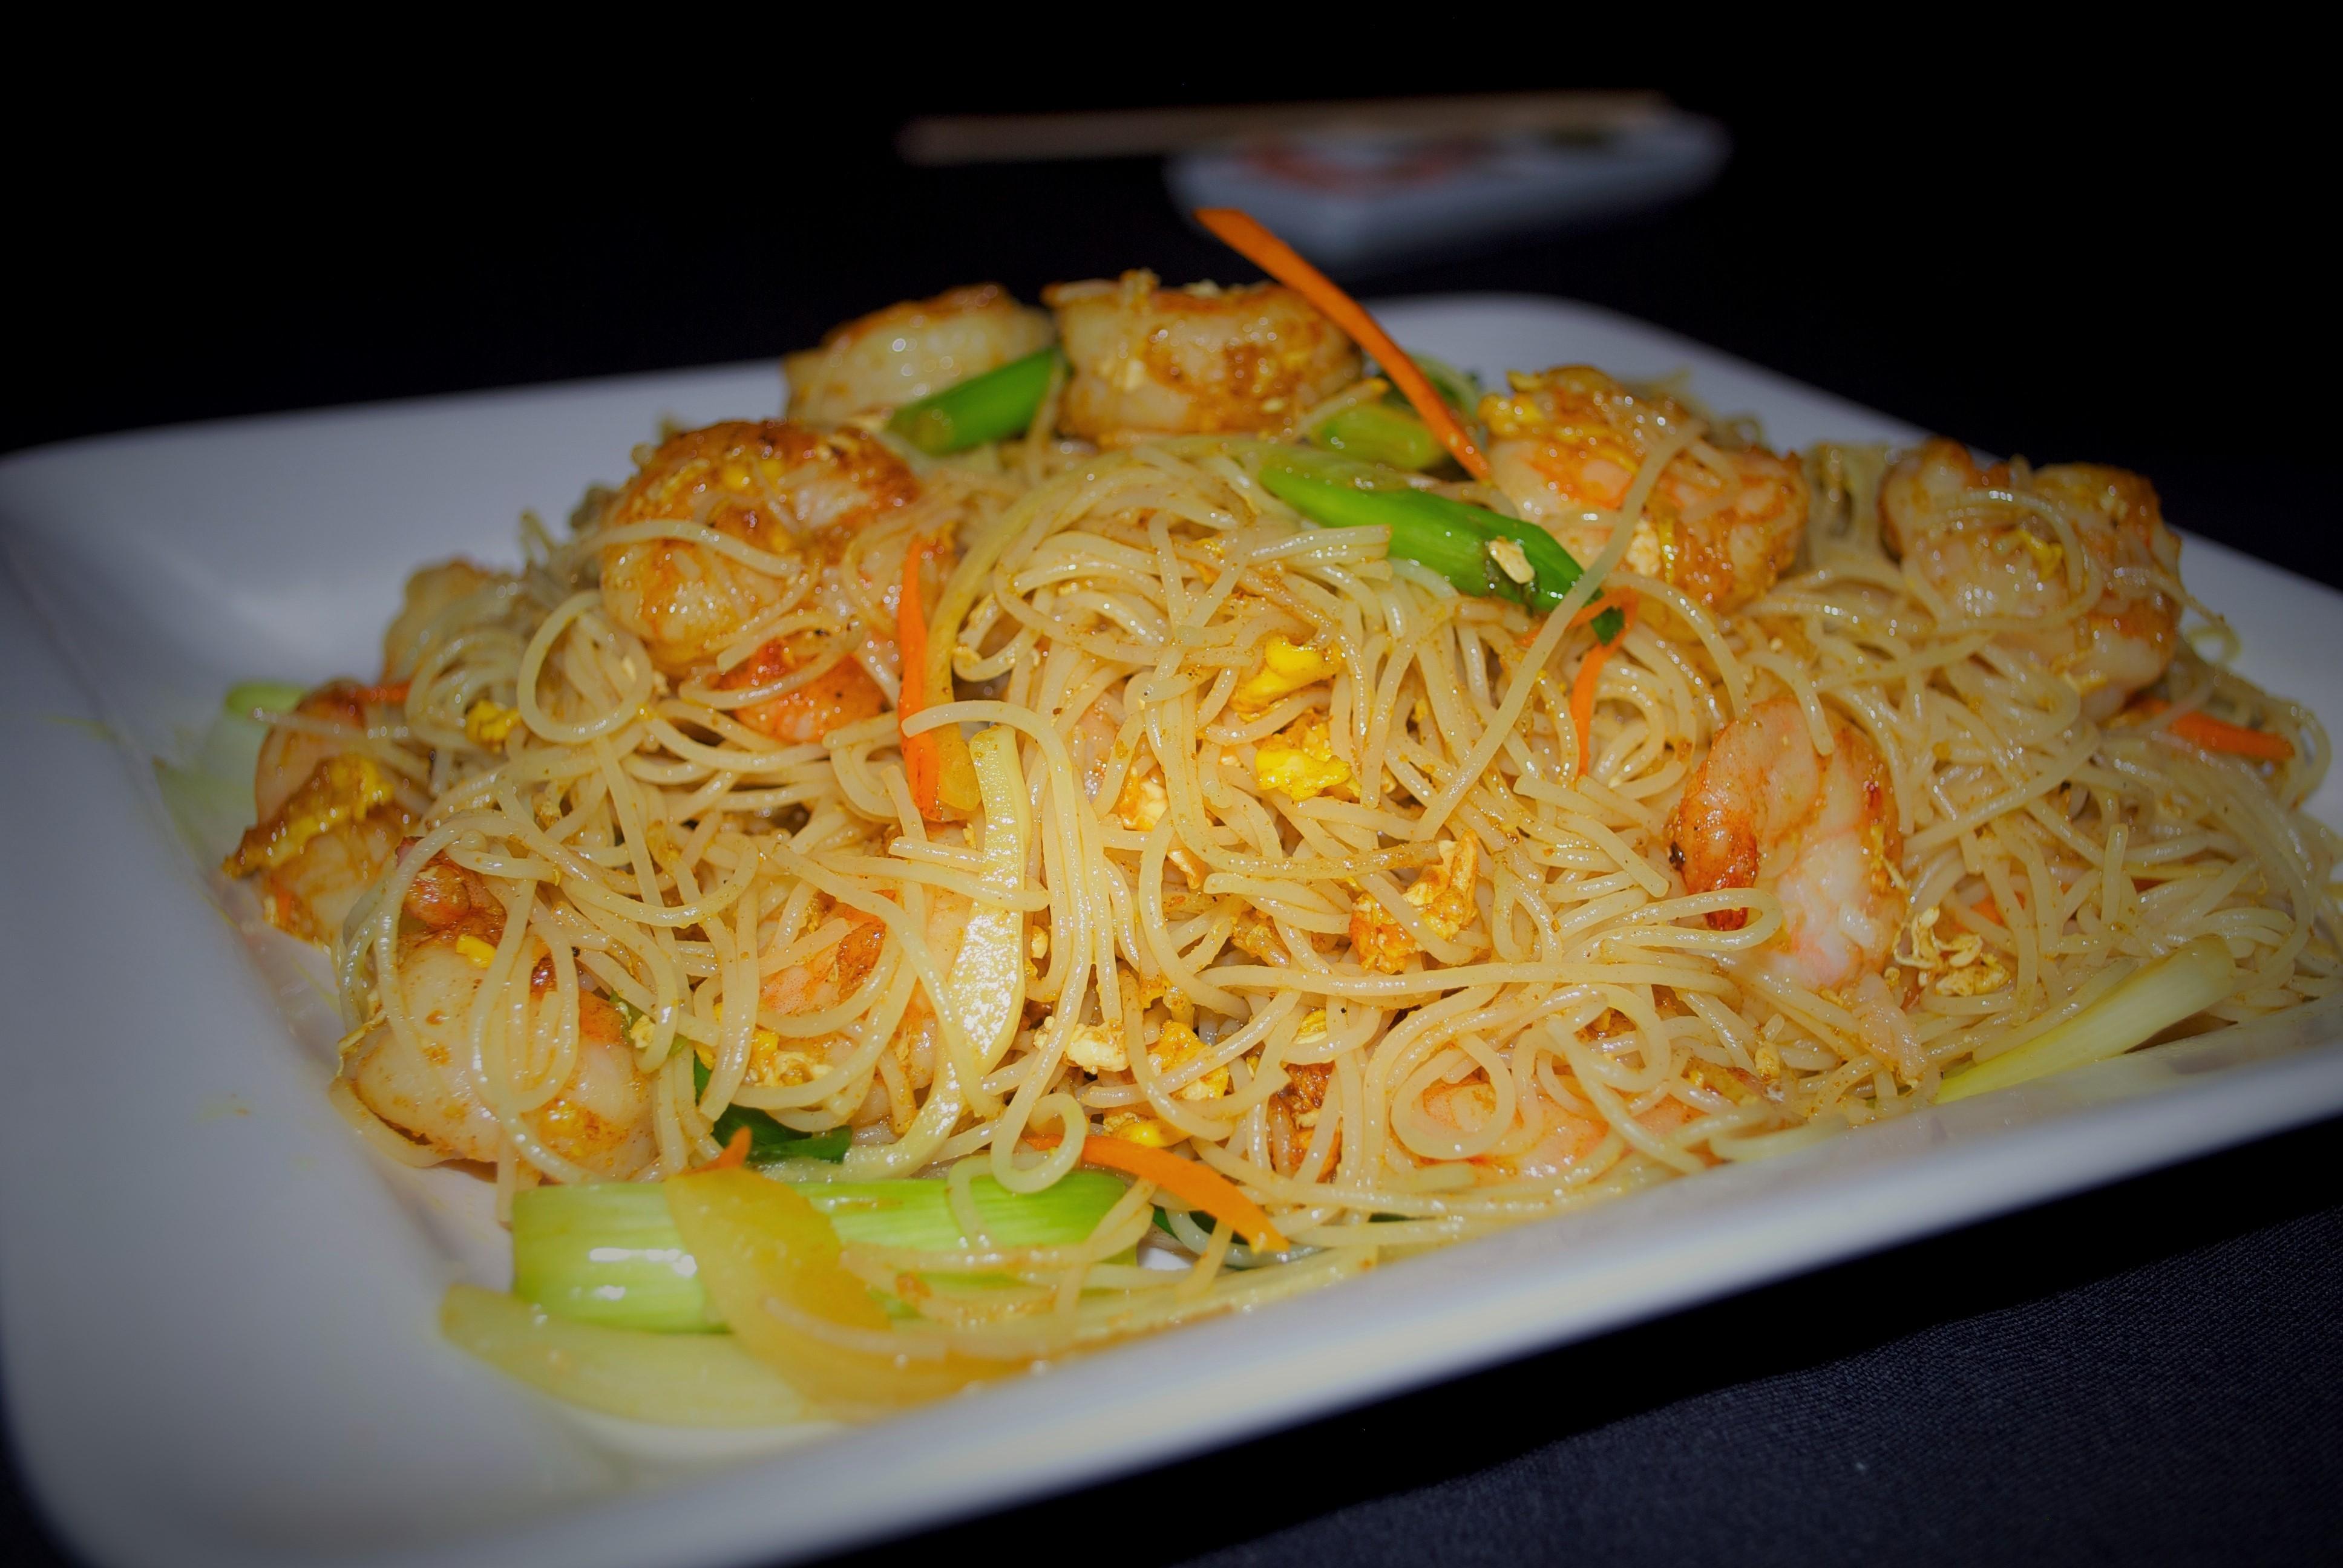 Singpore Rice Noodles